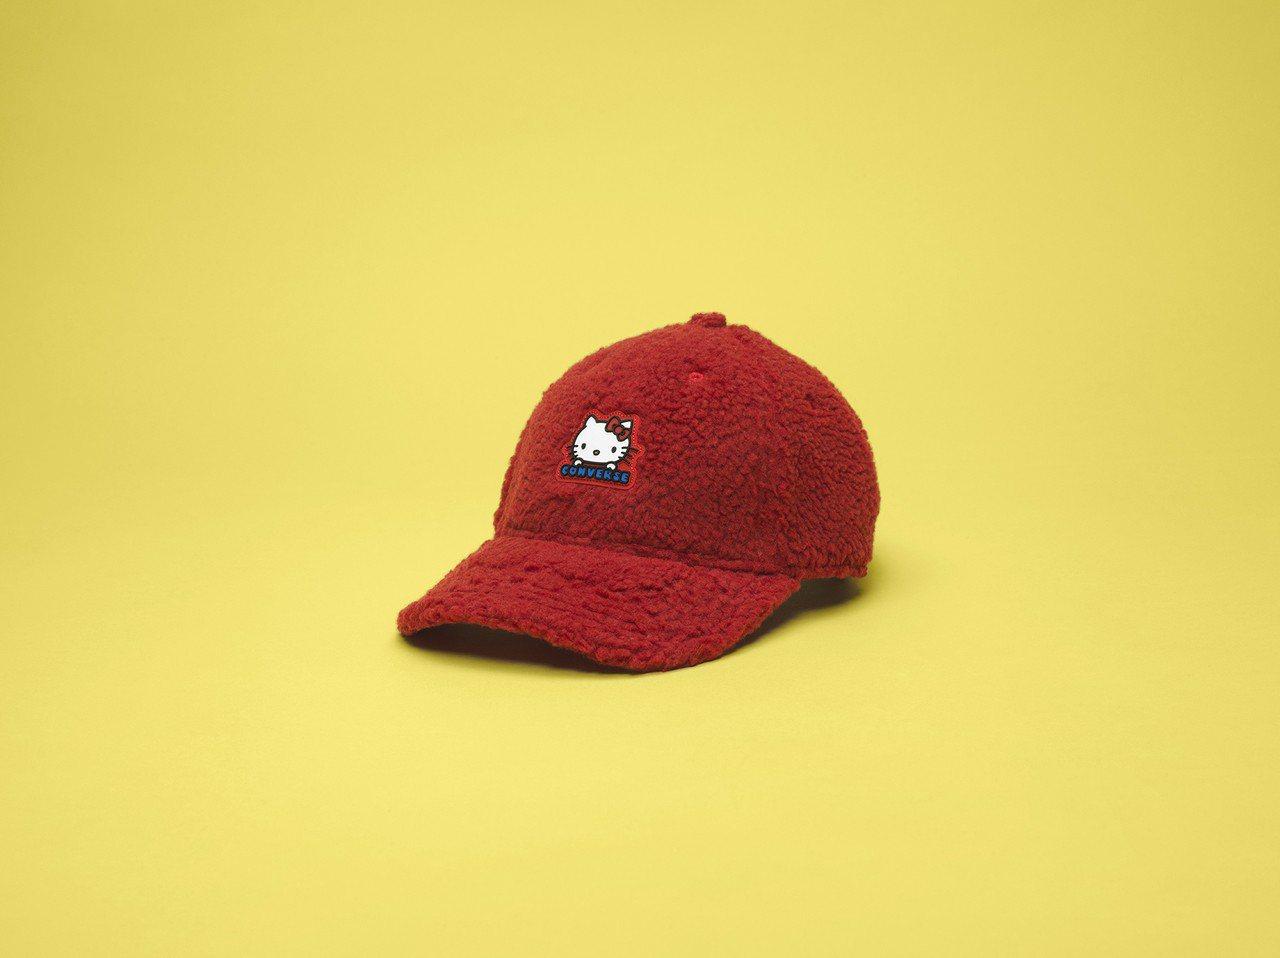 Converse與Hello Kitty聯名系列休閒帽,1,180元。圖/Con...